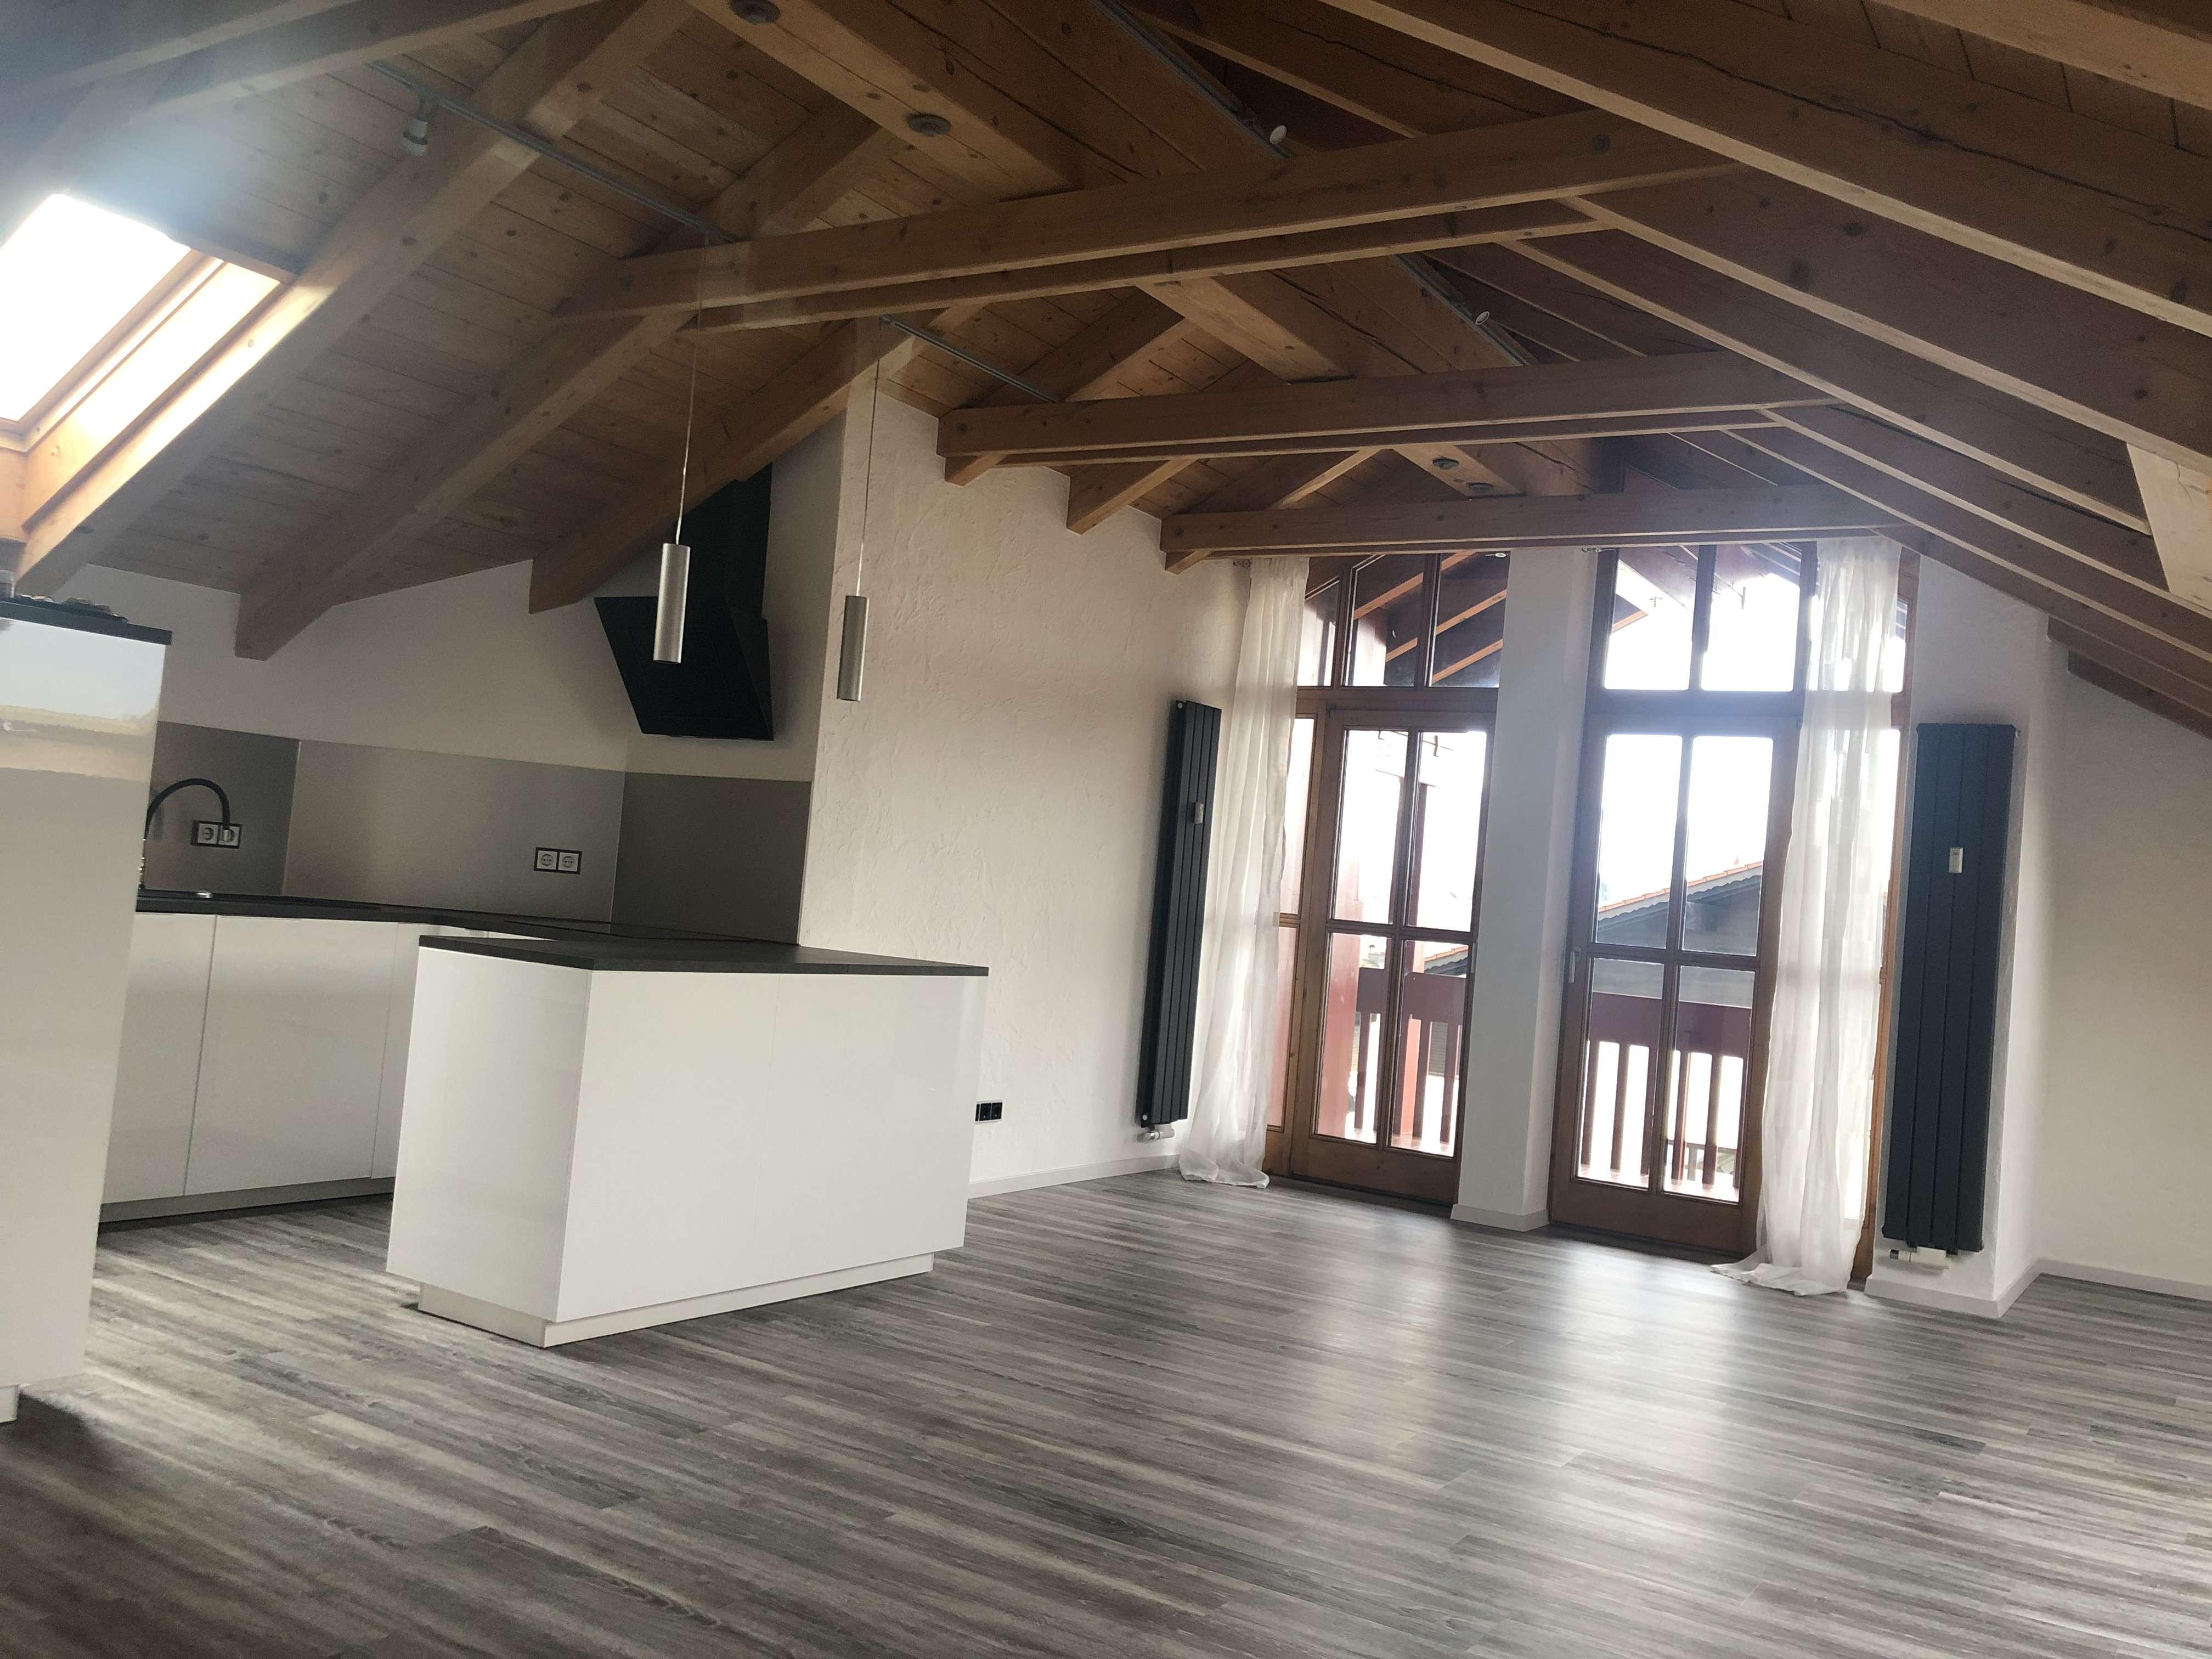 ERSTBEZUG NACH SANIERUNG! Schöne, zentral gelegene drei Zimmer Wohnung in Murnau am Staffelsee in Murnau am Staffelsee